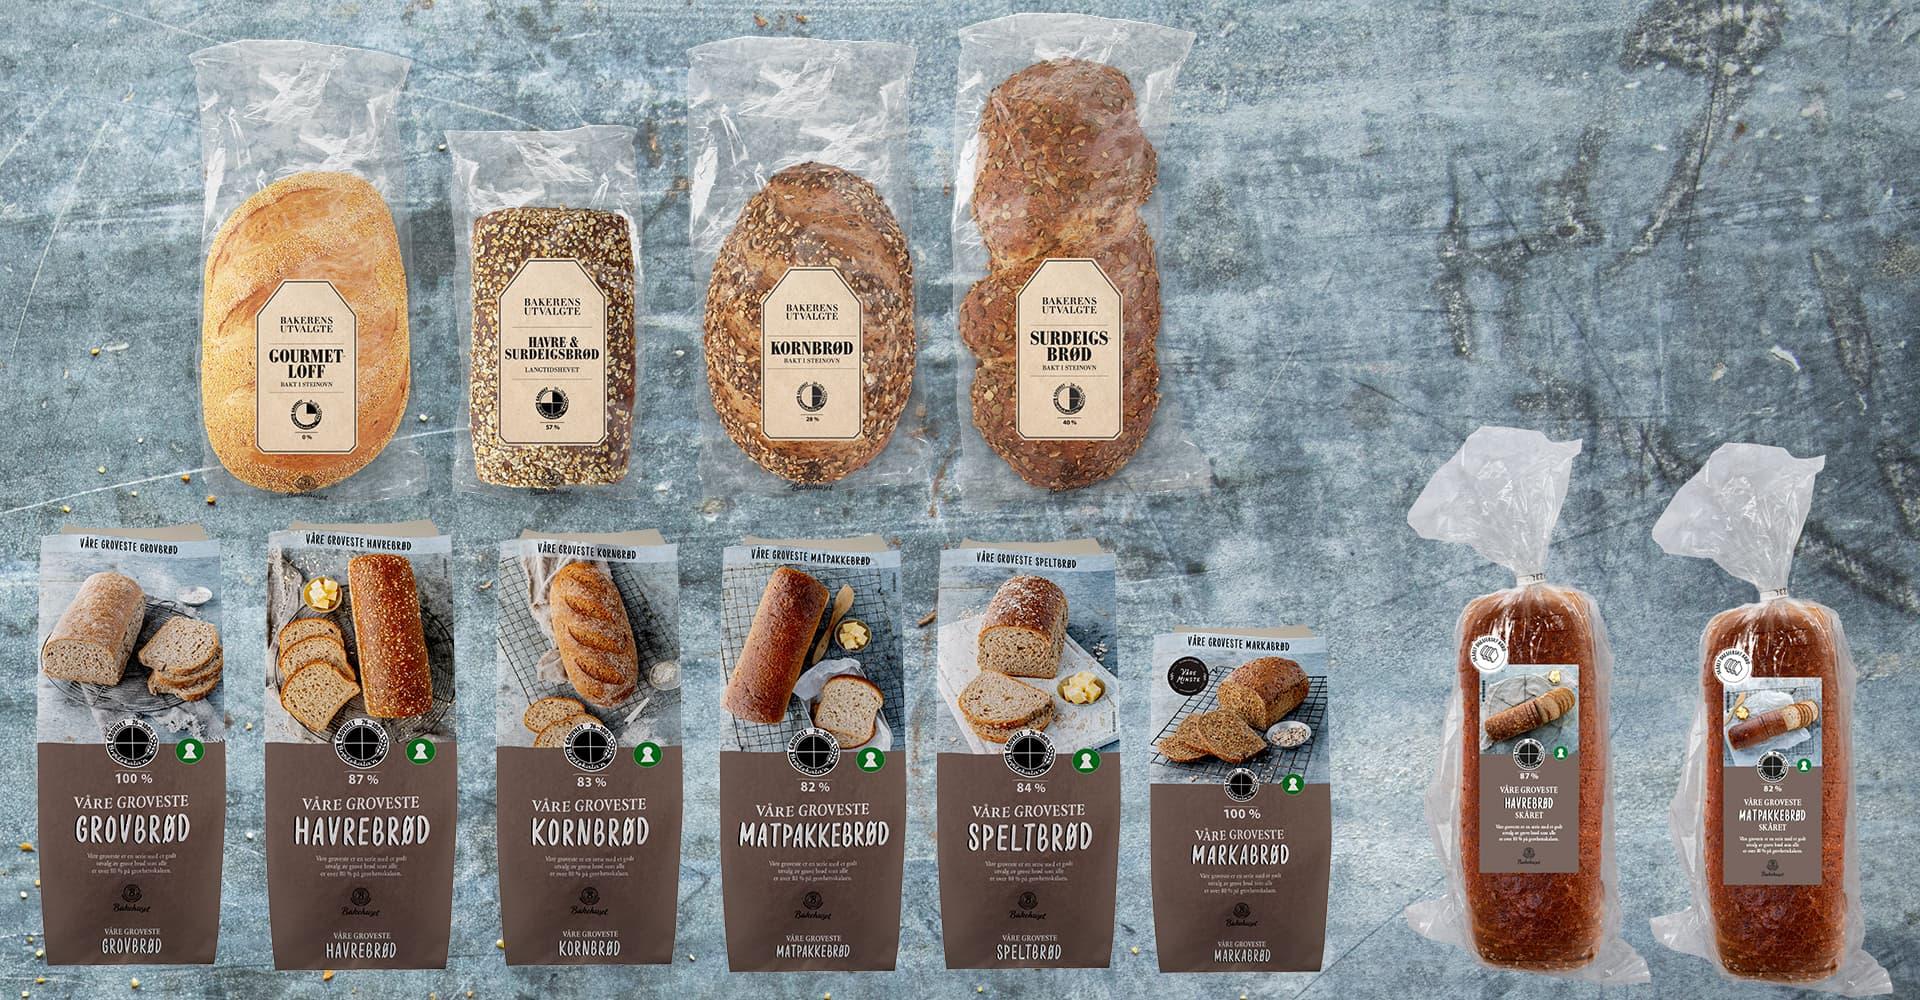 Bakerens utvalgte og Våre groveste brød er nyheter med smaksgaranti i alle KIWIs butikker. Våre groveste Matpakkebrød og Havrebrød kommer også ferdig skåret.